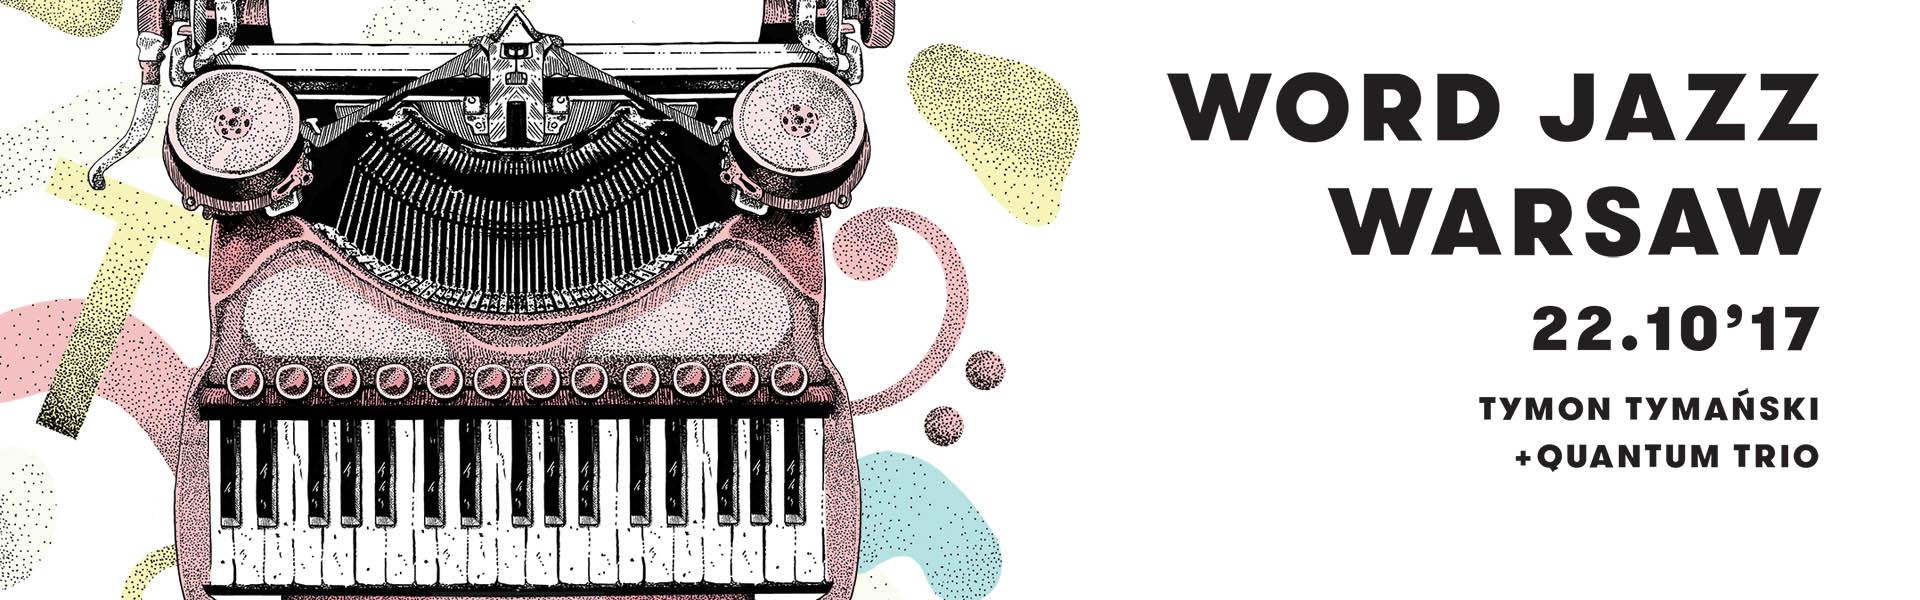 Word Jazz Warsaw 2 copy